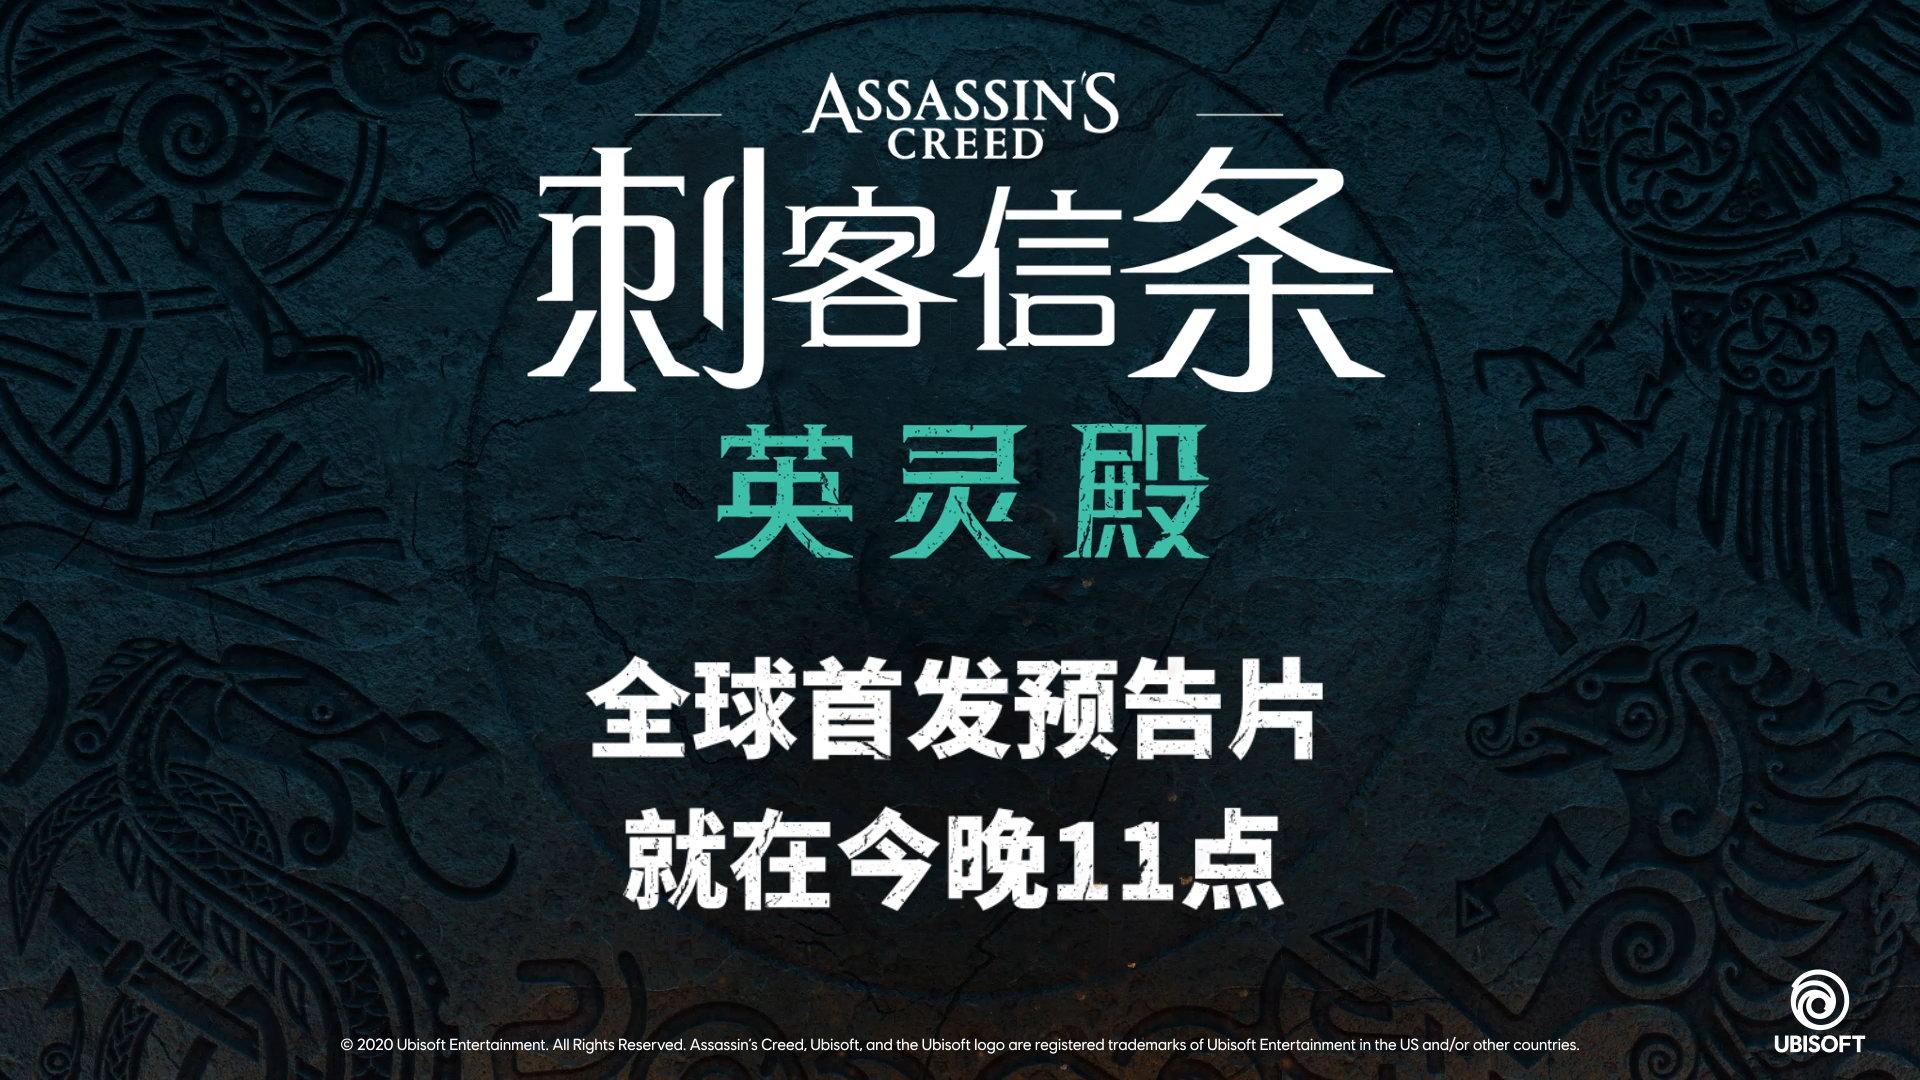 育碧公布《刺客信条:英灵殿》 首个预告今晚发布